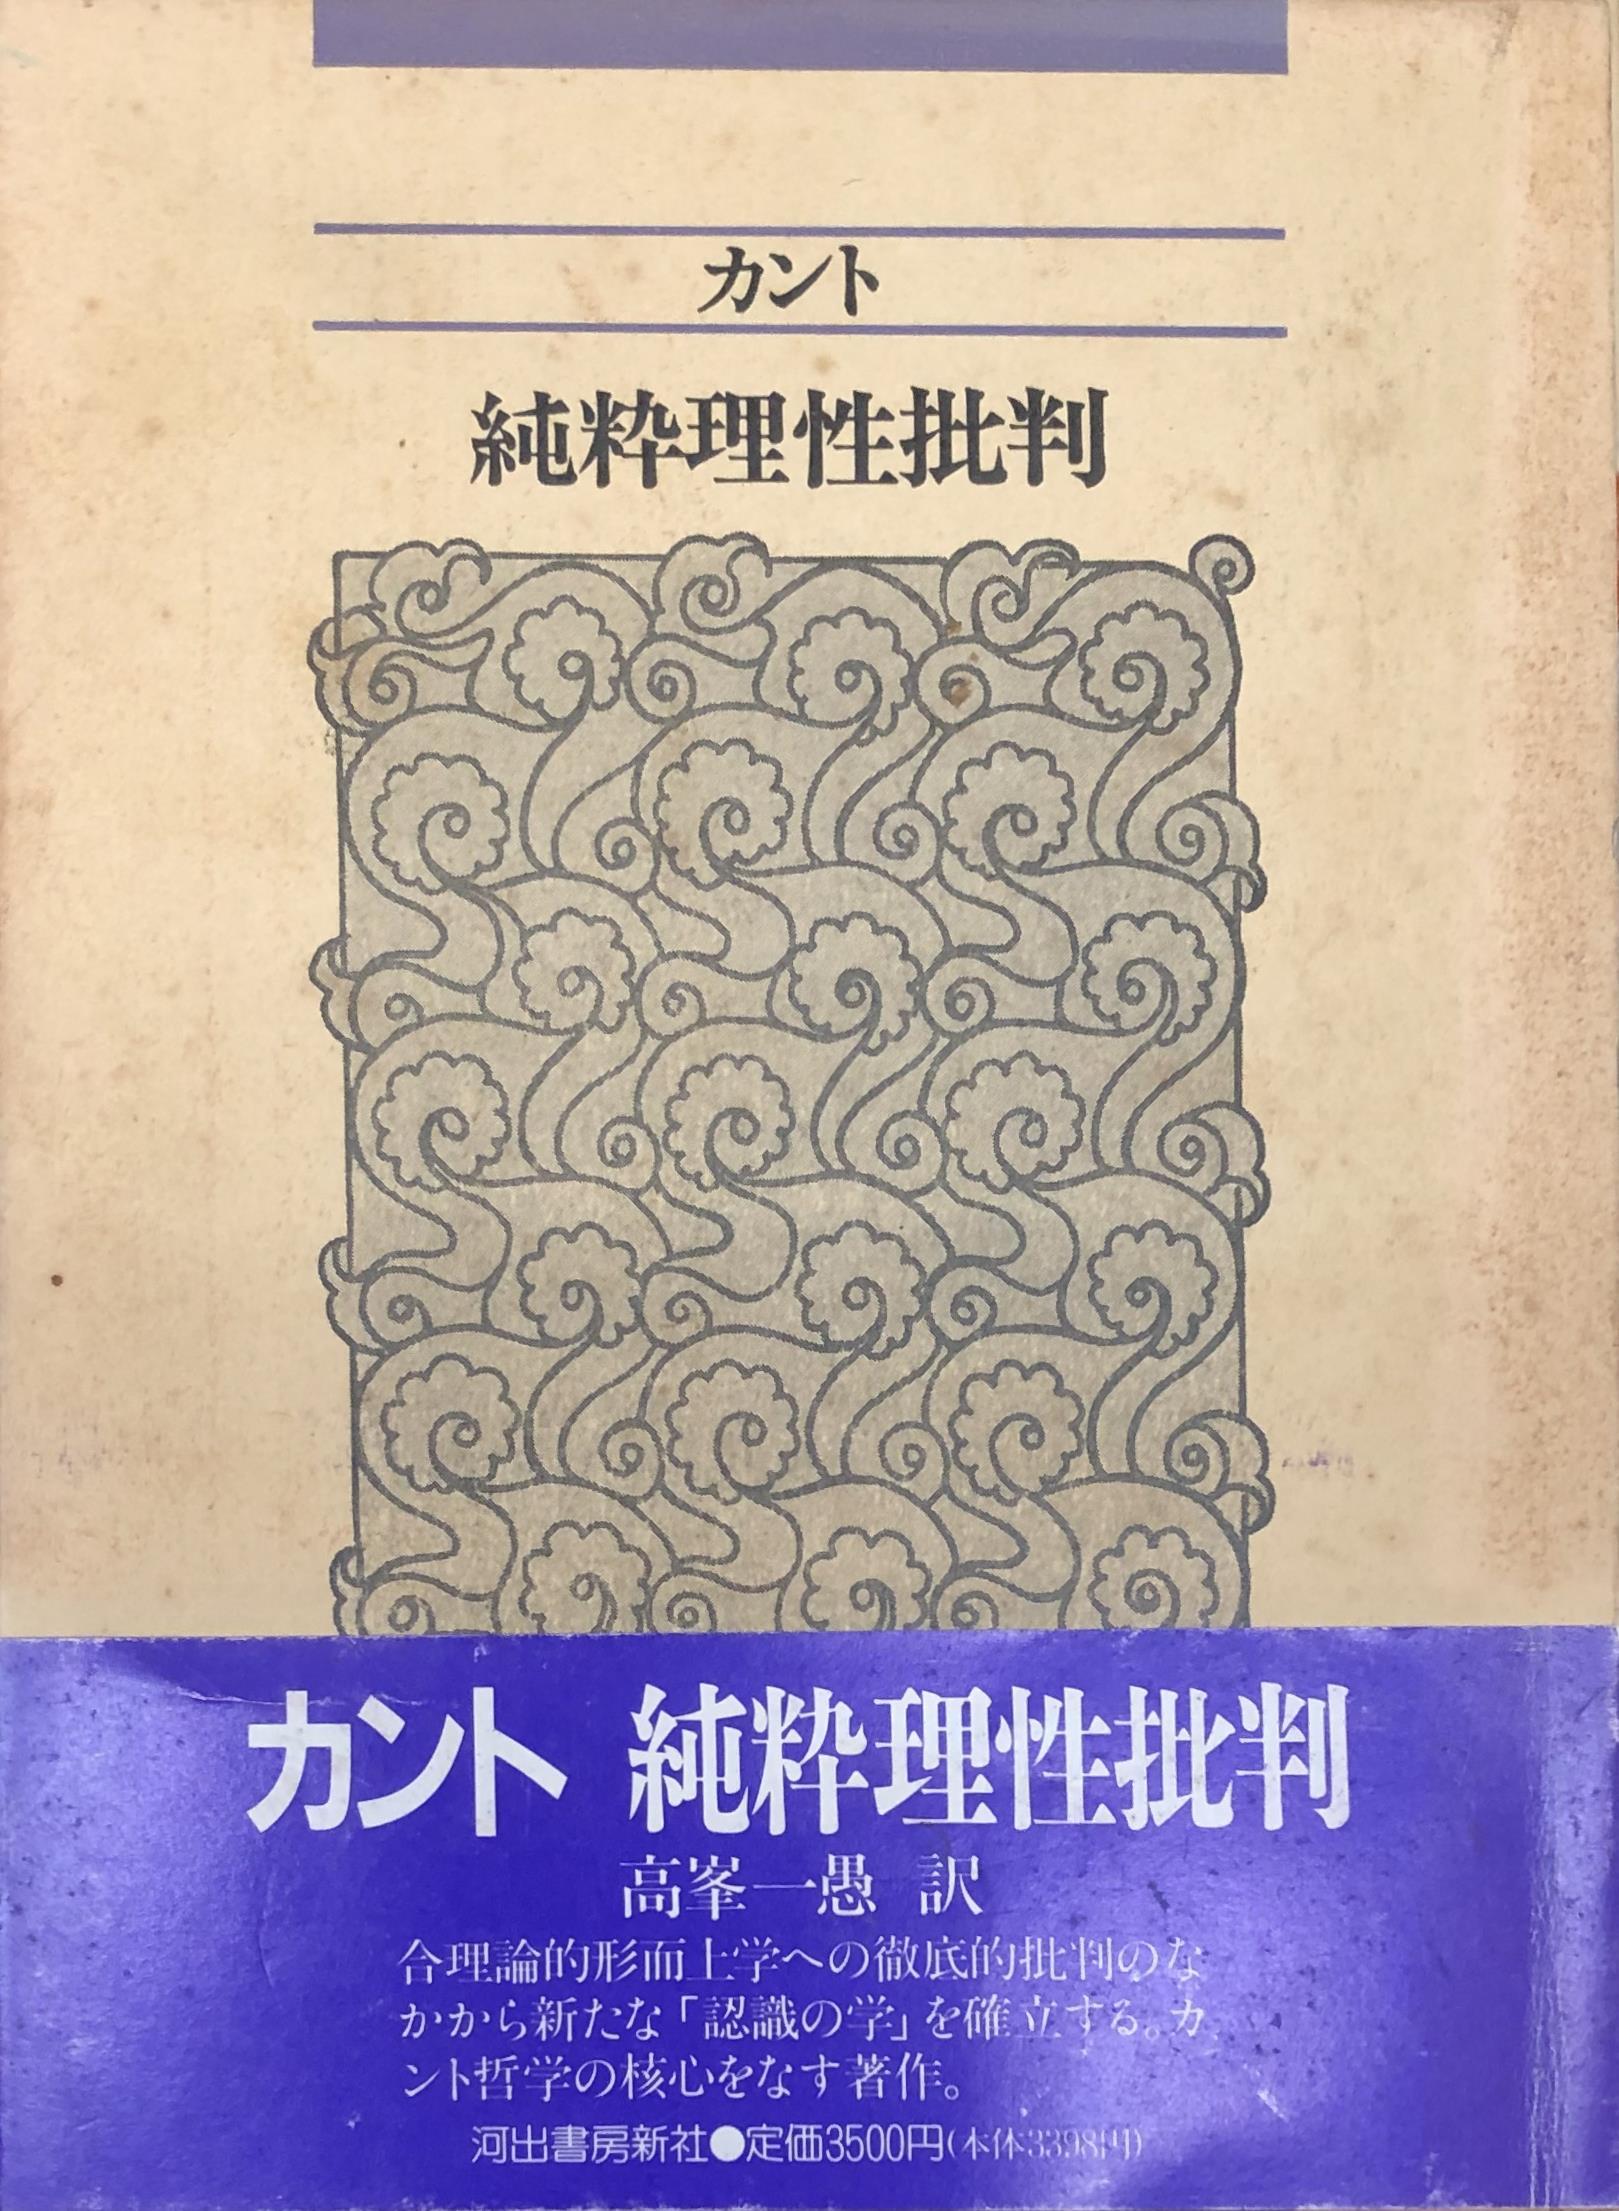 古書の街』神田神保町の古本屋・愛書館中川書房の古本・古書買取サイト・精神分析の四基本概念ほか哲学・思想関係の古書を出張買取いたしました